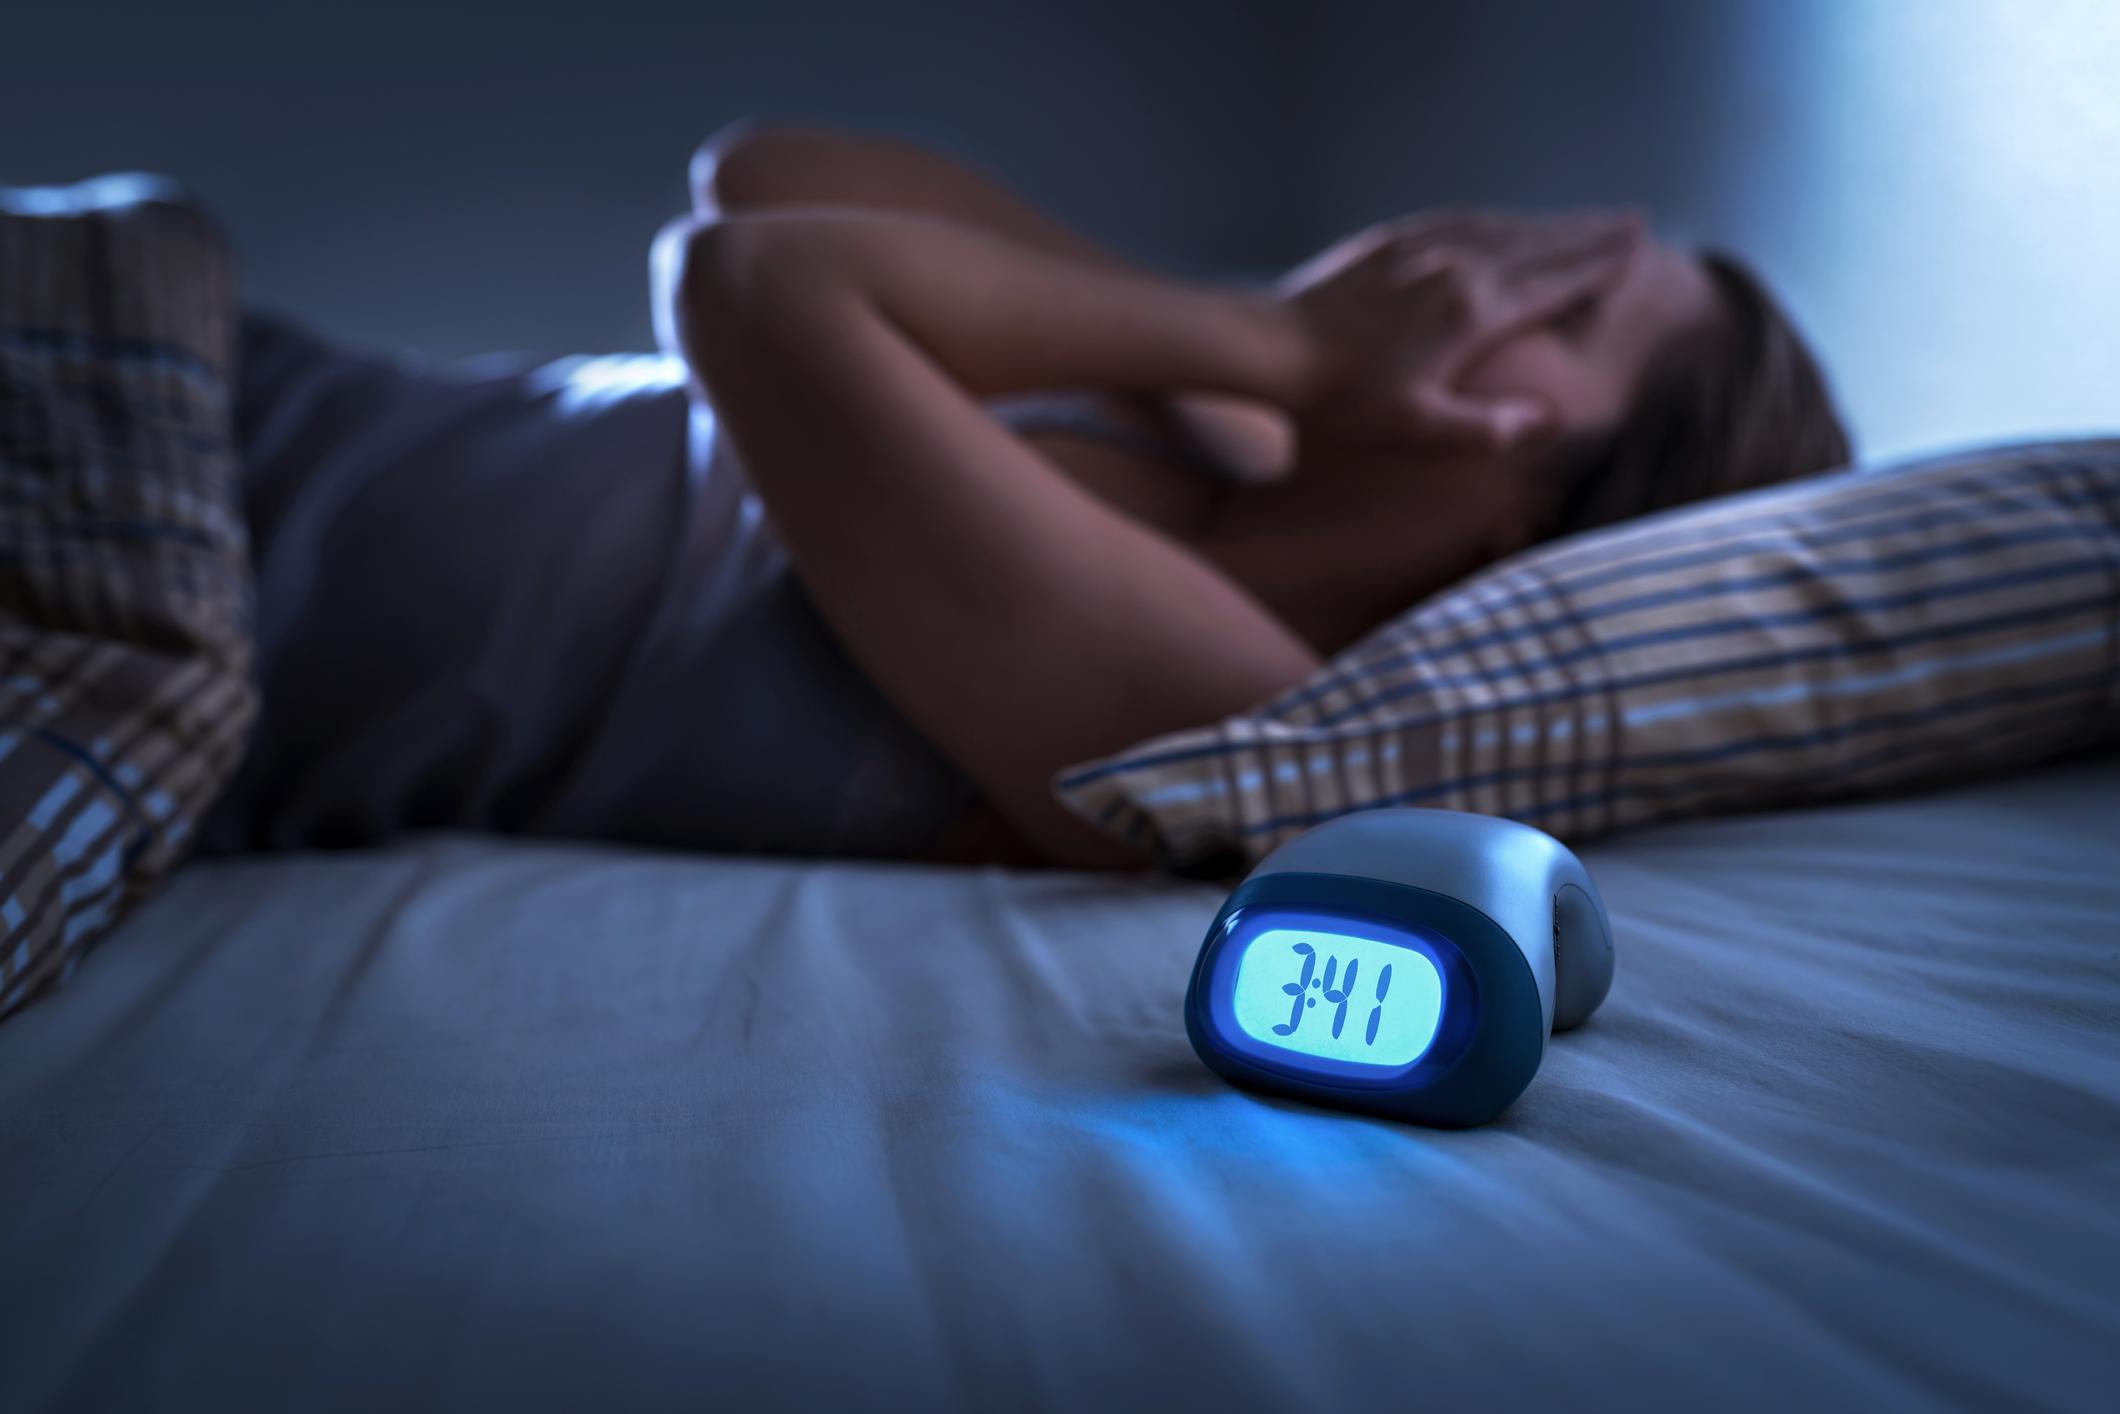 Mujer insomne que sufre de insomnio, apnea del sueño o estrés. Señora cansada y agotada. Dolor de cabeza o migraña. Despierto en medio de la noche. Persona frustrada con problema y reloj despertador que muestra la hora